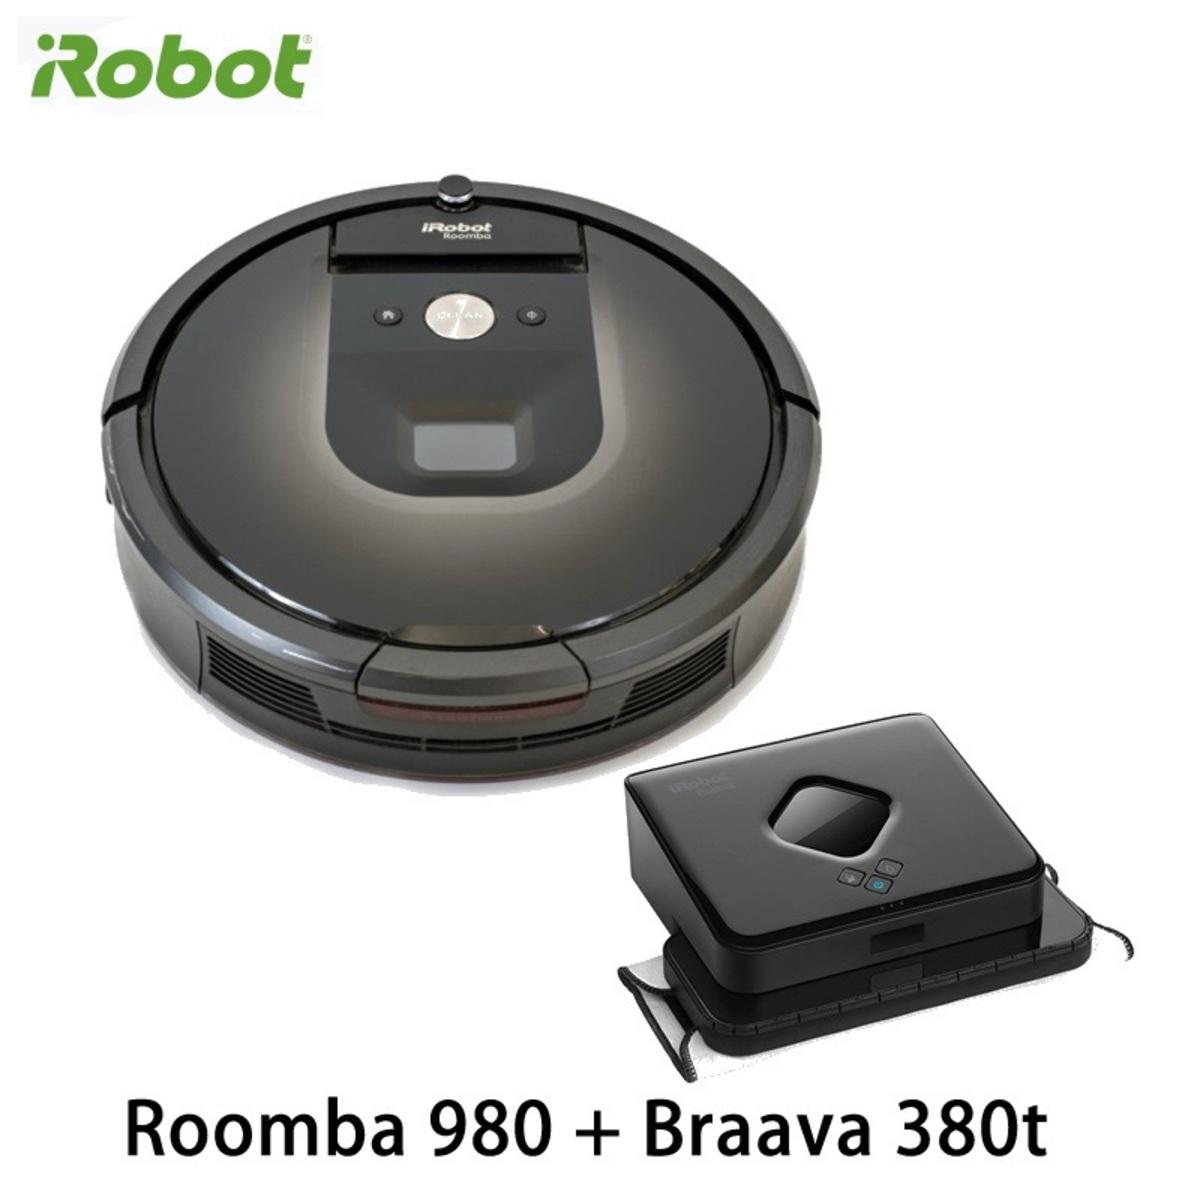 Roomba 980 吸塵機械人 + Braava 380t 拖地機械人【香港行貨】